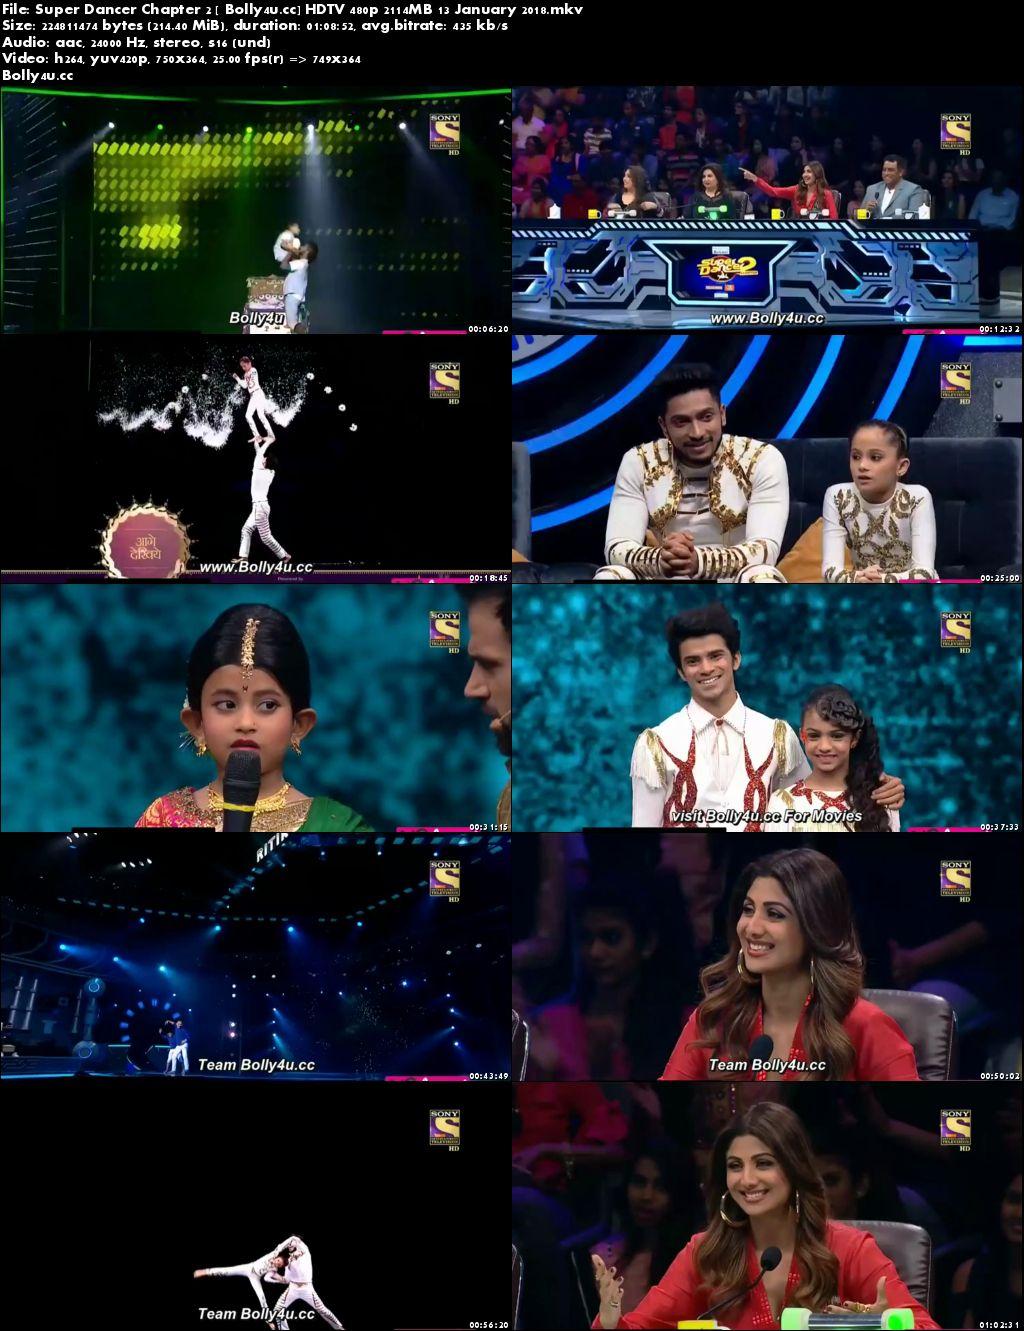 Super Dancer Chapter 2 HDTV 480p 200MB 13 January 2018 Download